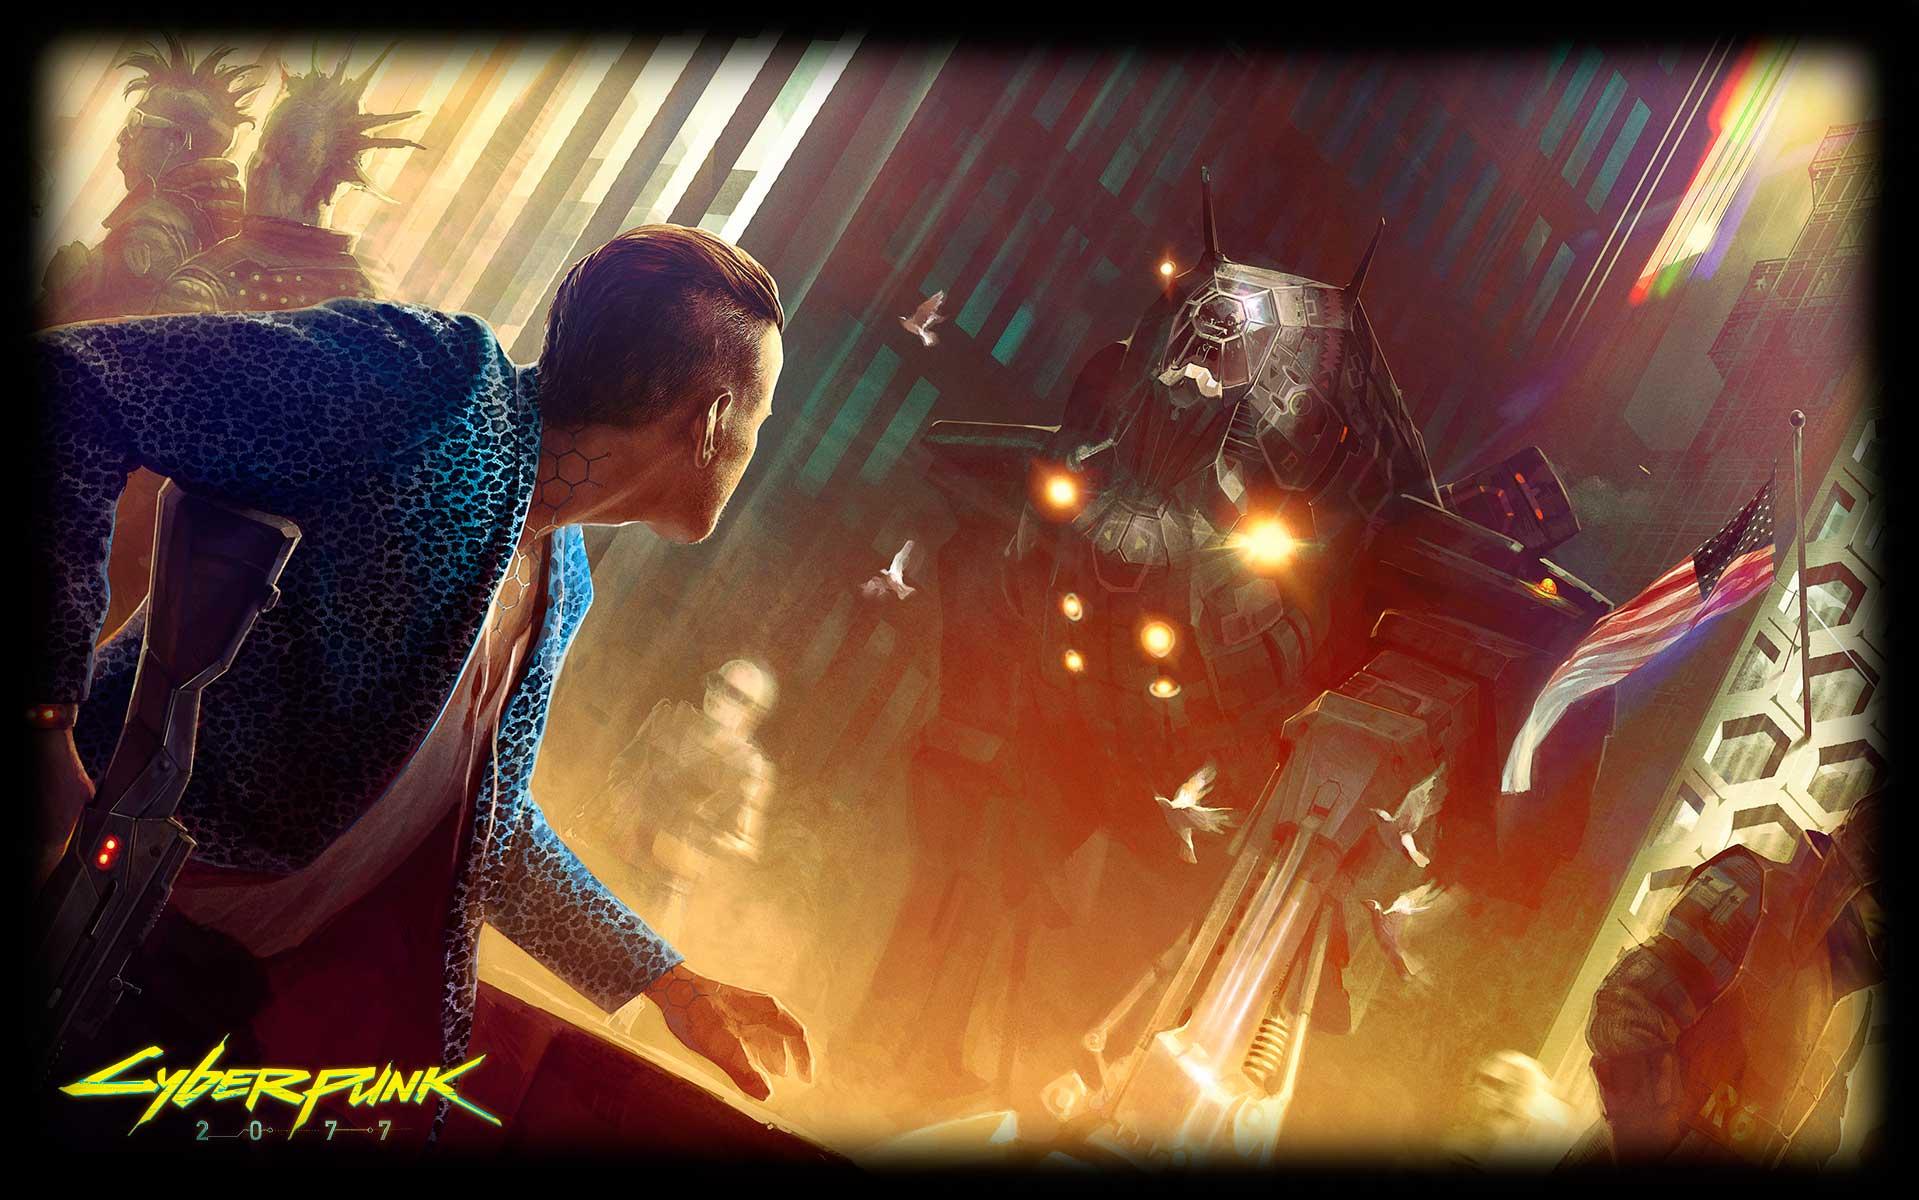 cyberpunk-2077-art-1